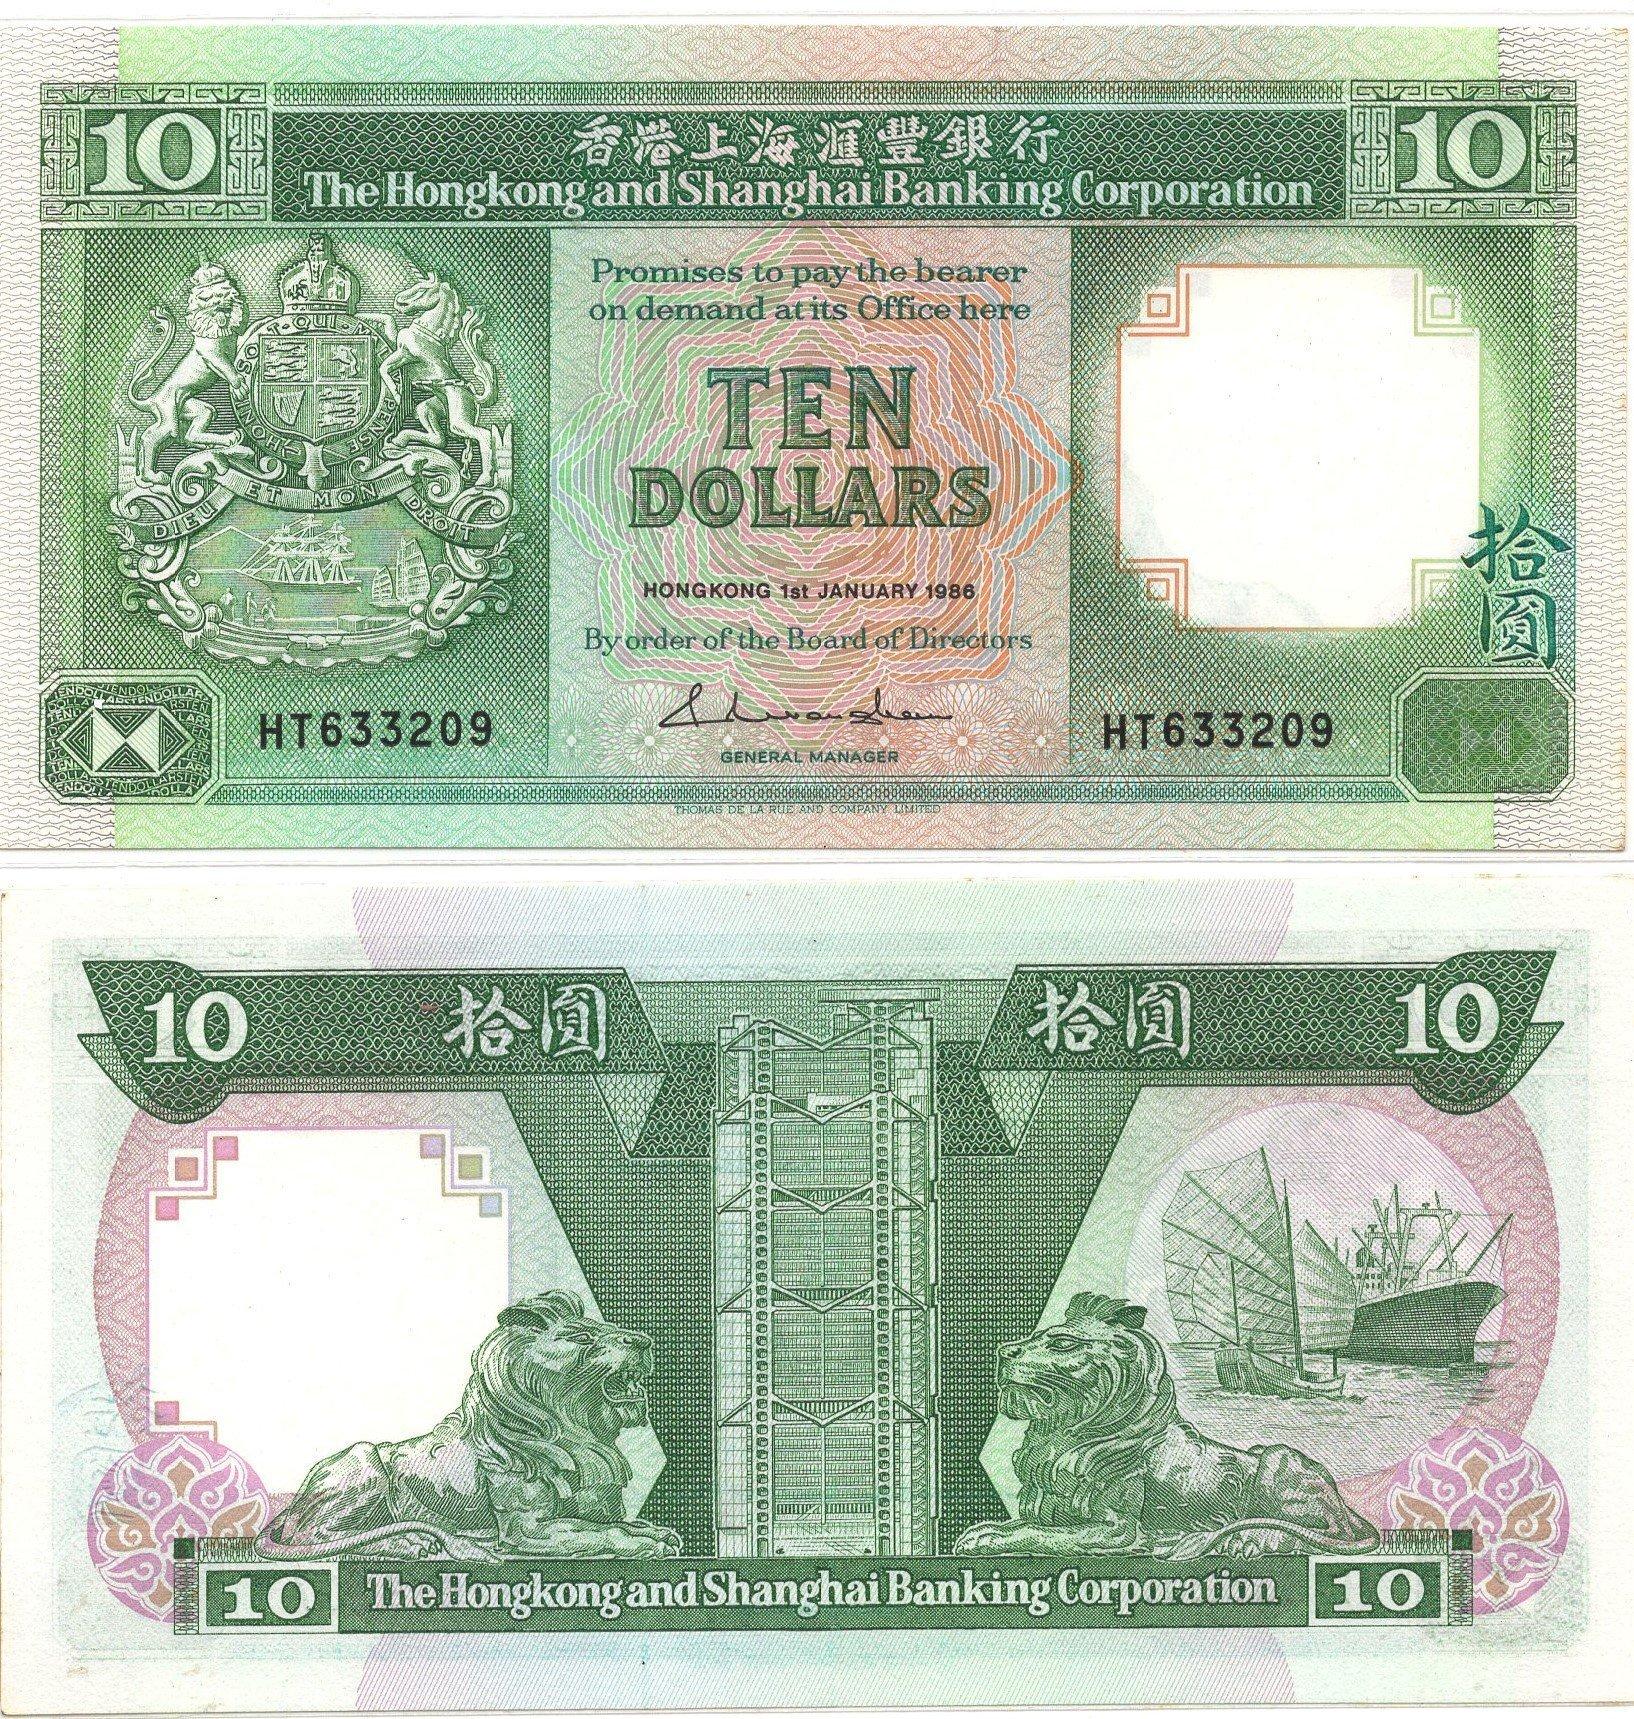 Hong KOng HSBC 10 dollars 1986 banknote for sale